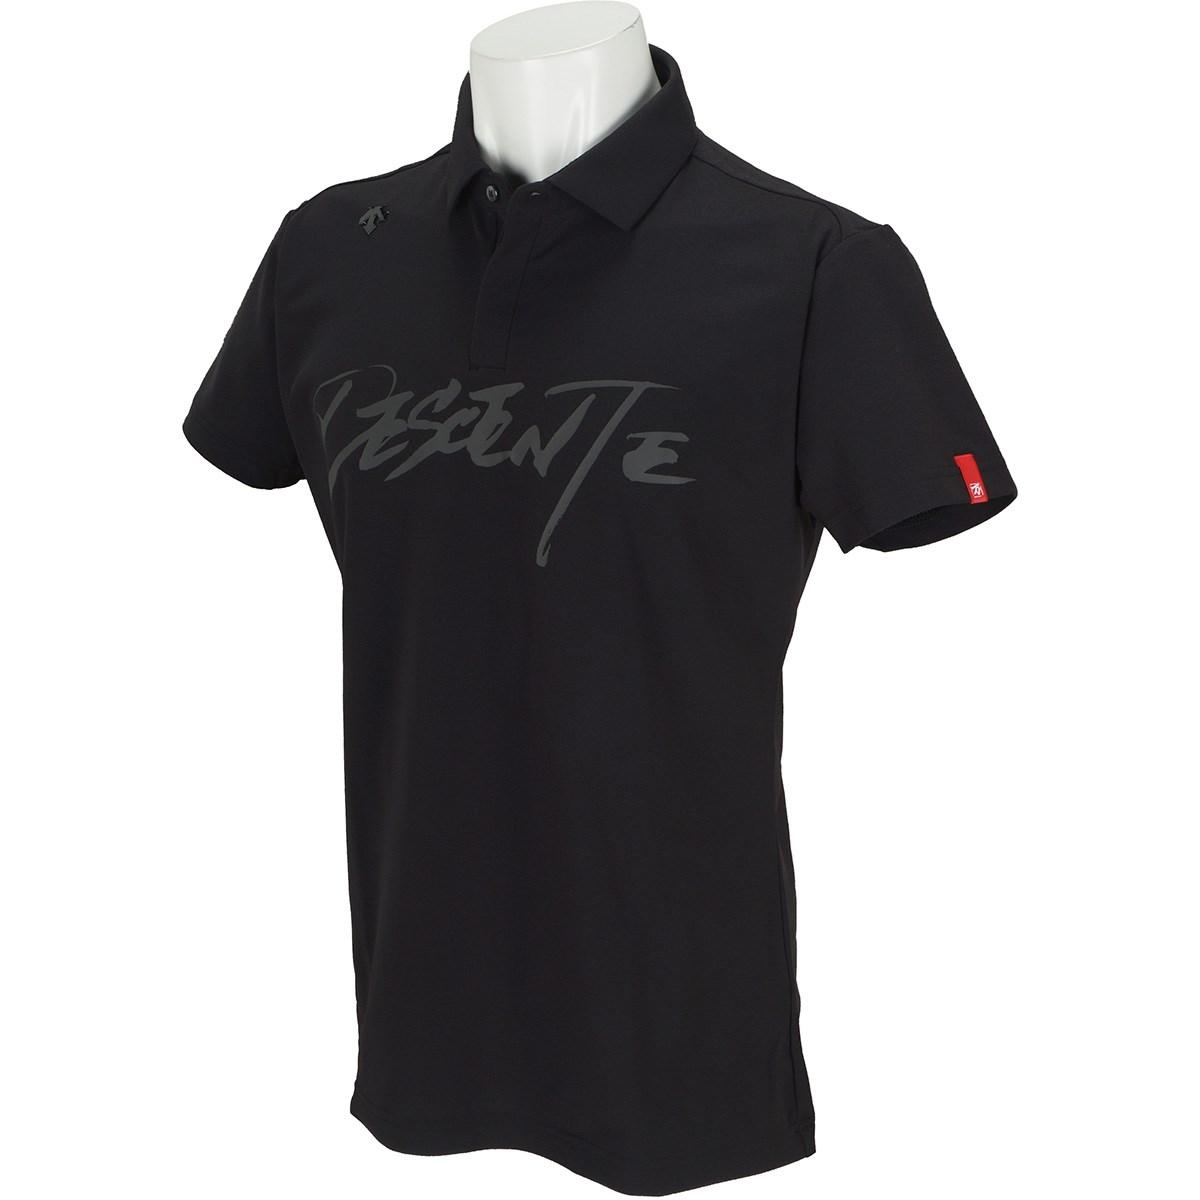 デサントゴルフ(DESCENTE GOLF) 万美collection ストレッチ ソロテックス鹿の子プリント 半袖ポロシャツ